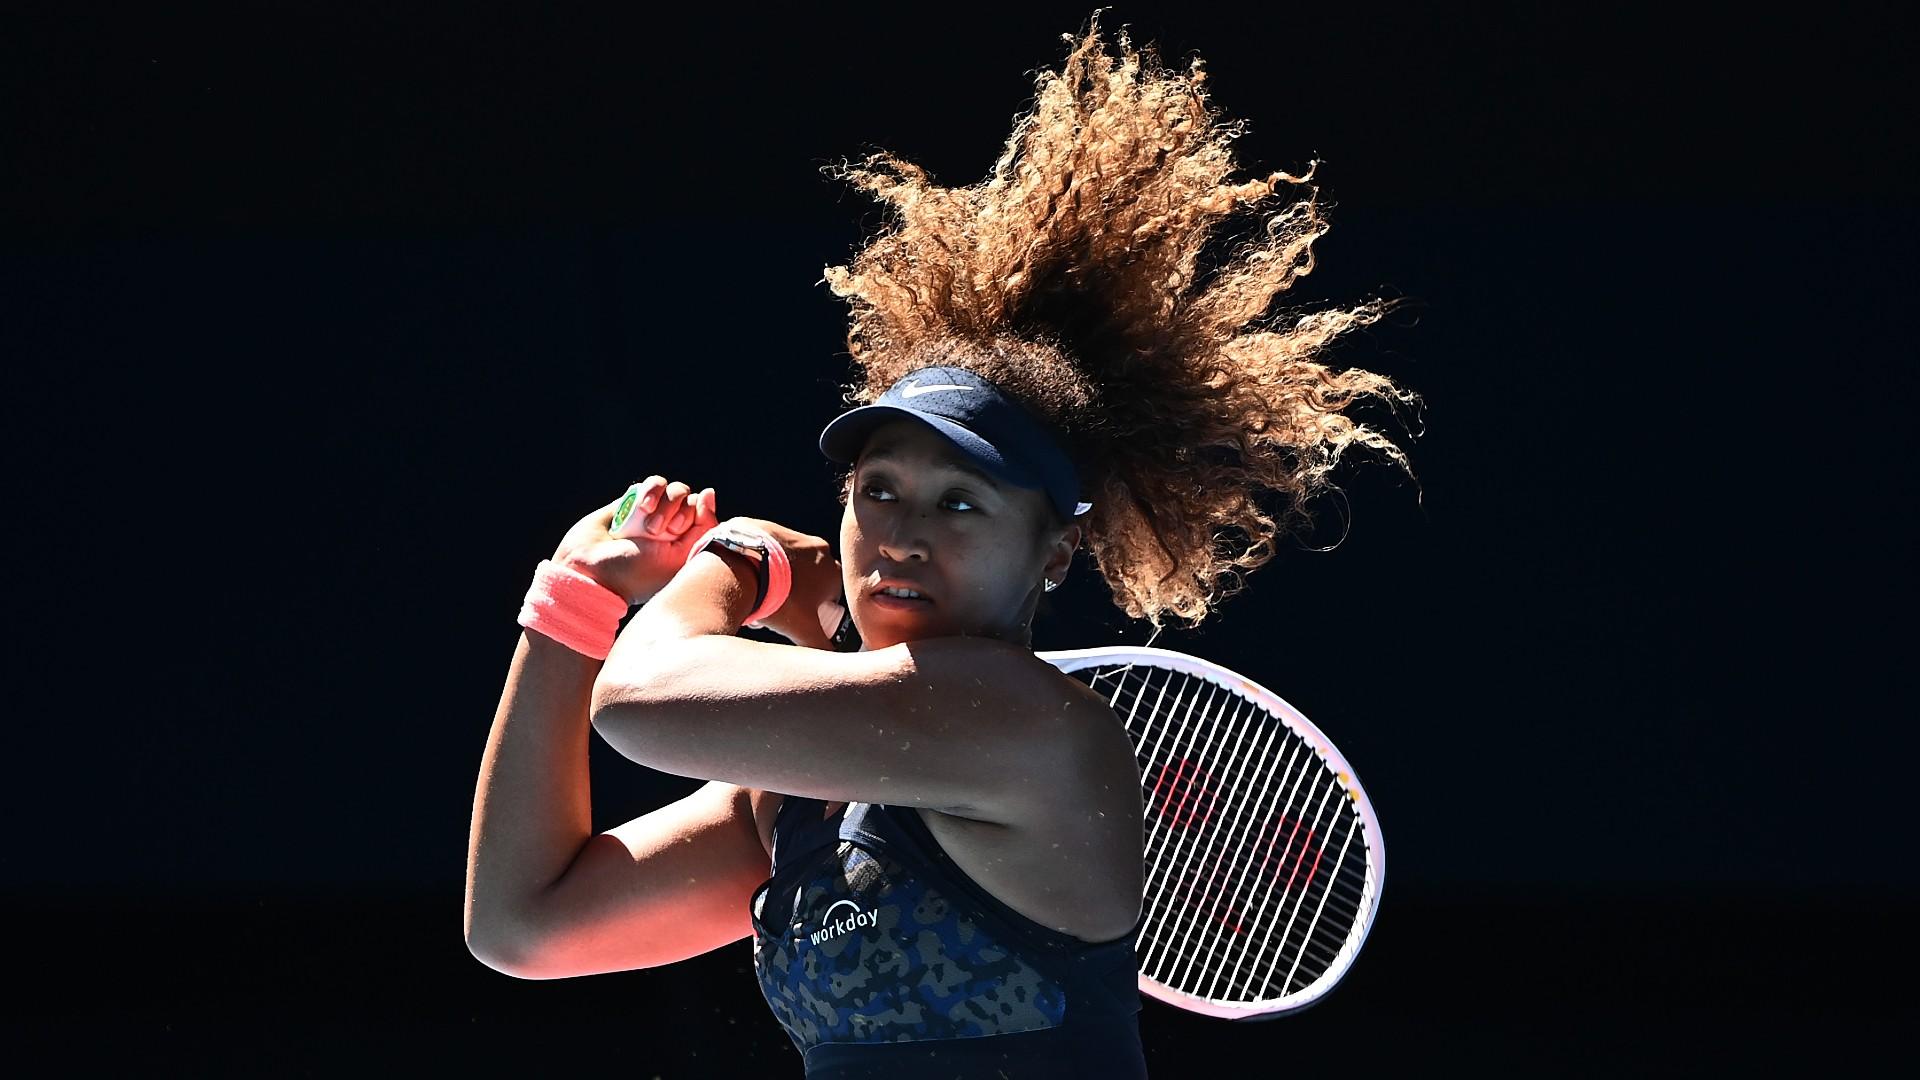 Relaxation app backs Naomi Osaka, pledges to pay Grand Slam media fines